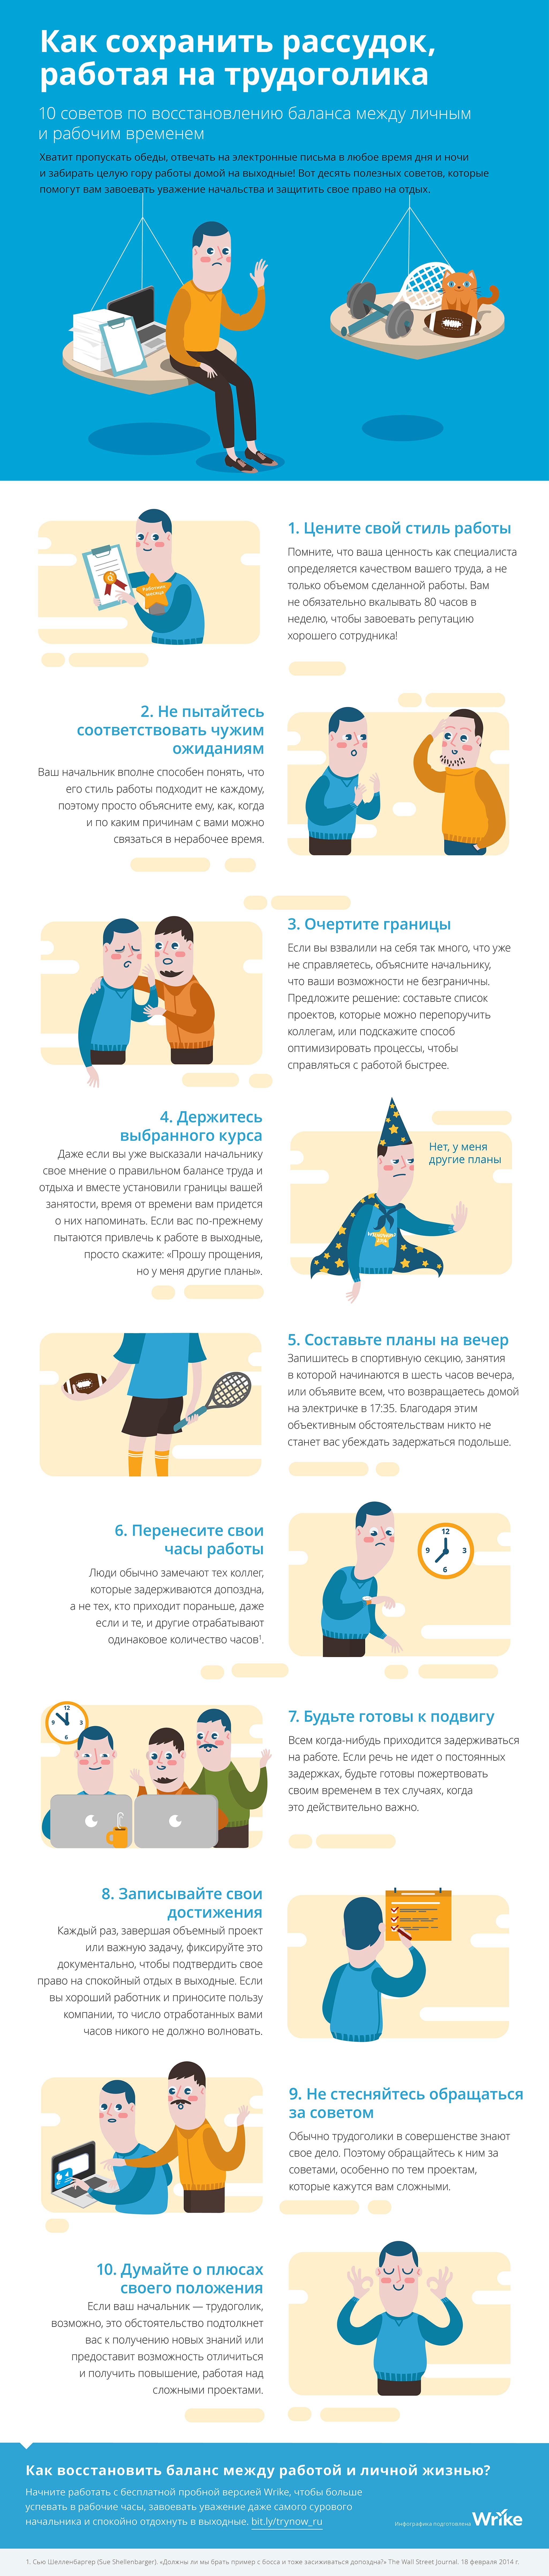 Как сохранить рассудок, работая на трудоголика: 10 советов по восстановлению баланса между личным и рабочим временем